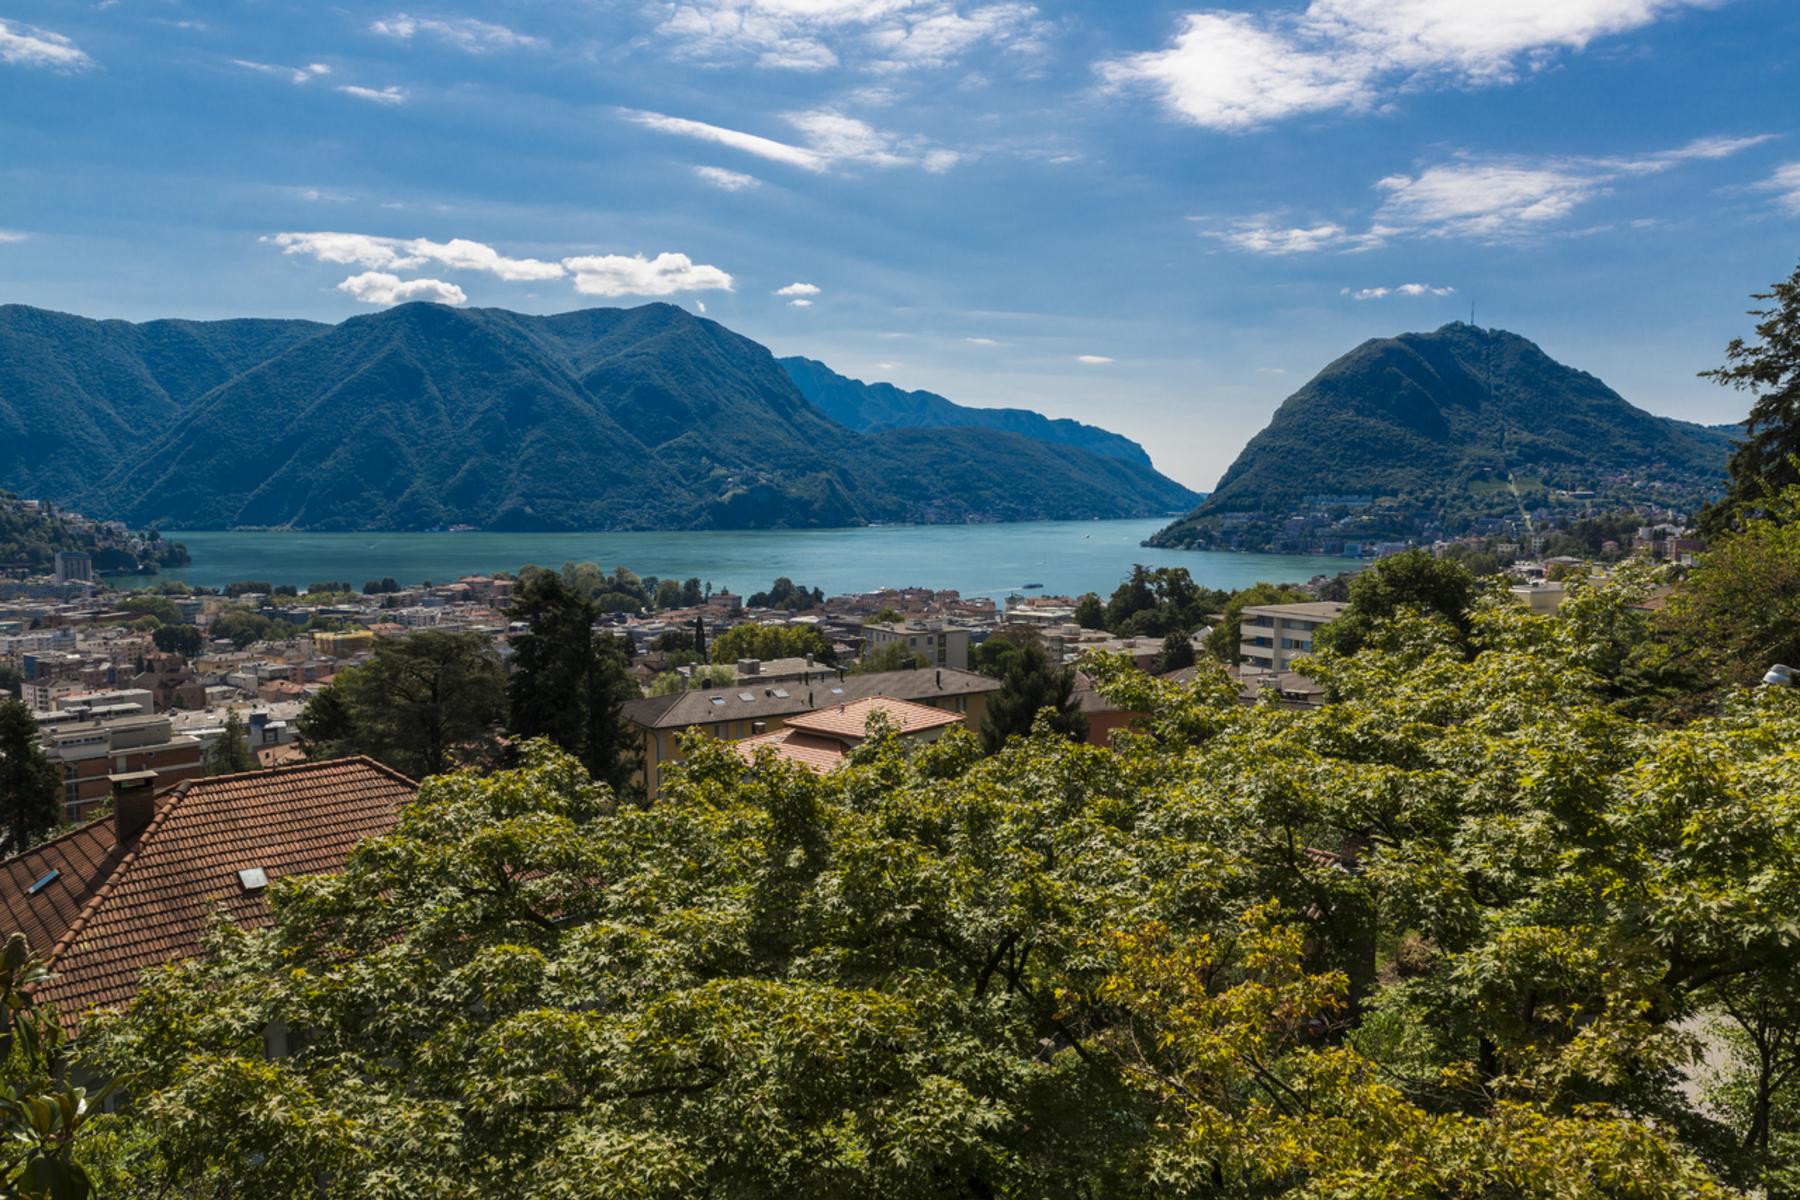 Частный односемейный дом для того Продажа на Spacious villa in residential area Lugano-Massagno, Massagno, Ticino, 6900 Швейцария